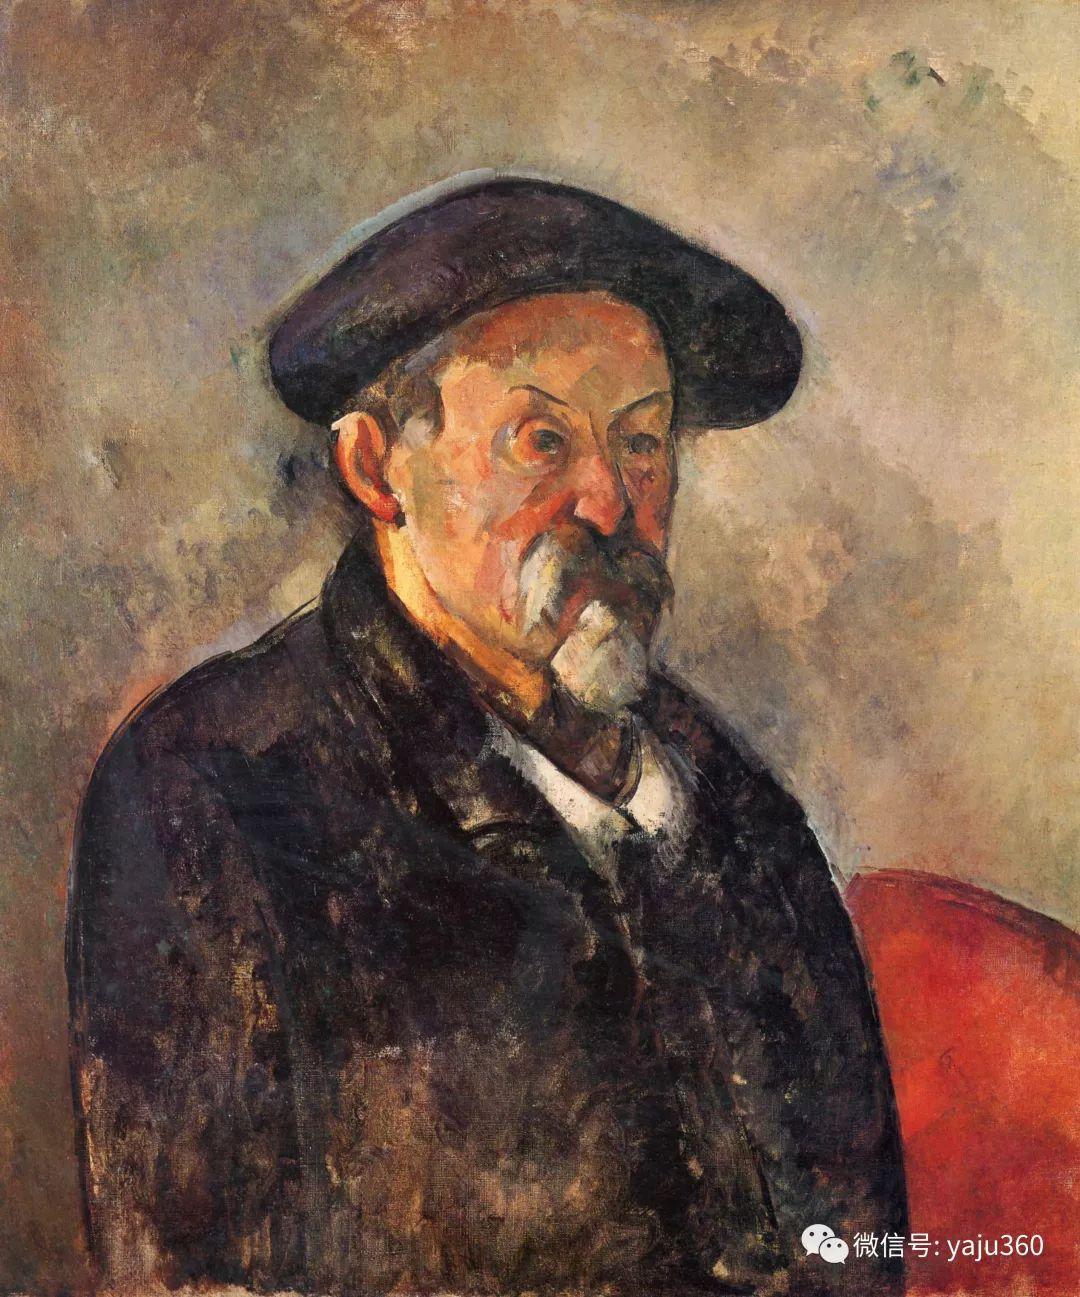 现代绘画之父保罗·塞尚插图95